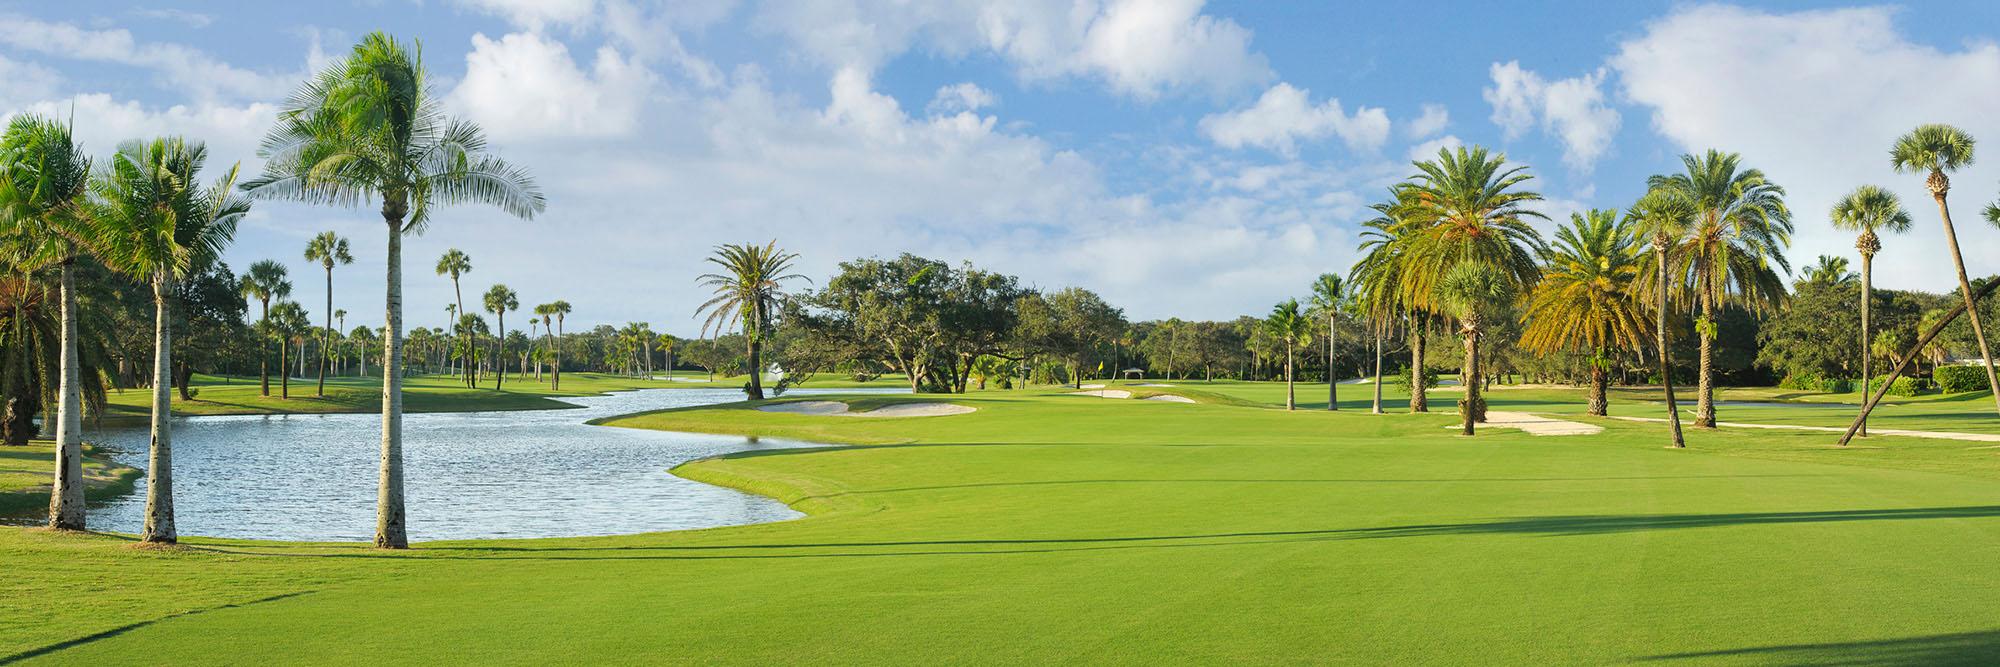 Golf Course Image - Riomar No. 17